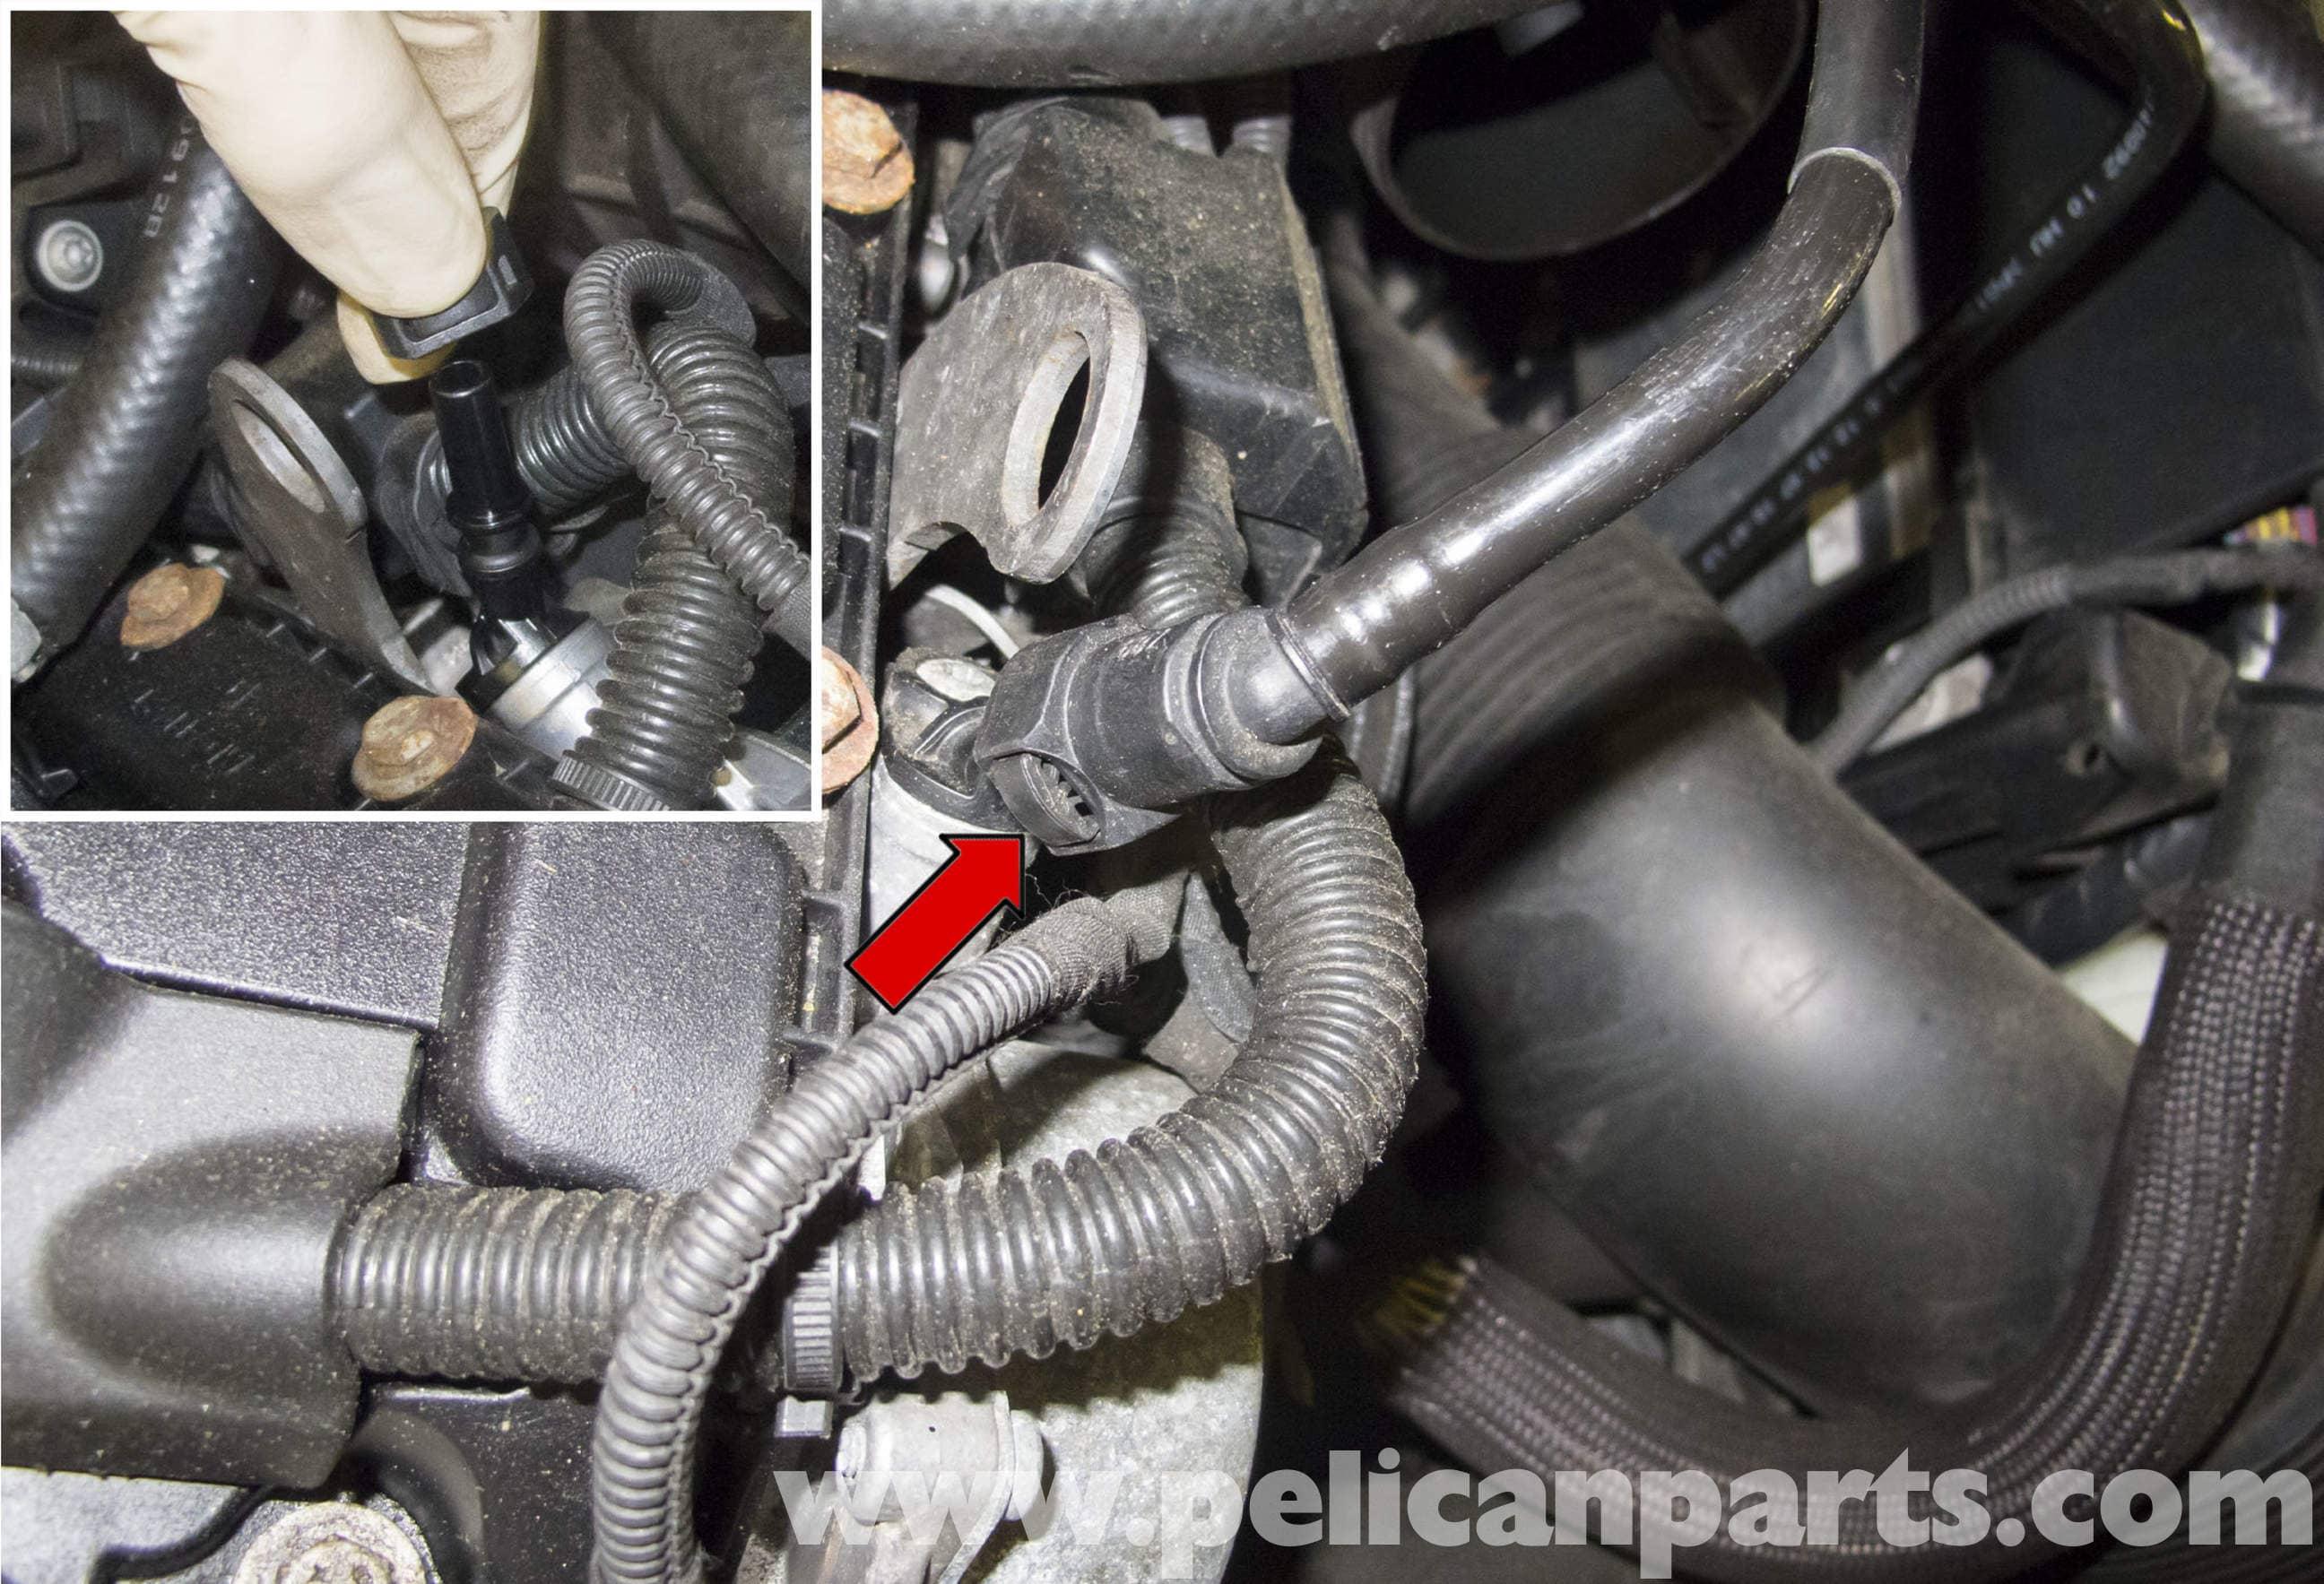 Mini Cooper R56 Vacuum Pump Replacement 2007 2011 Pelican Parts Volvo Wiring Diagram Large Image Extra